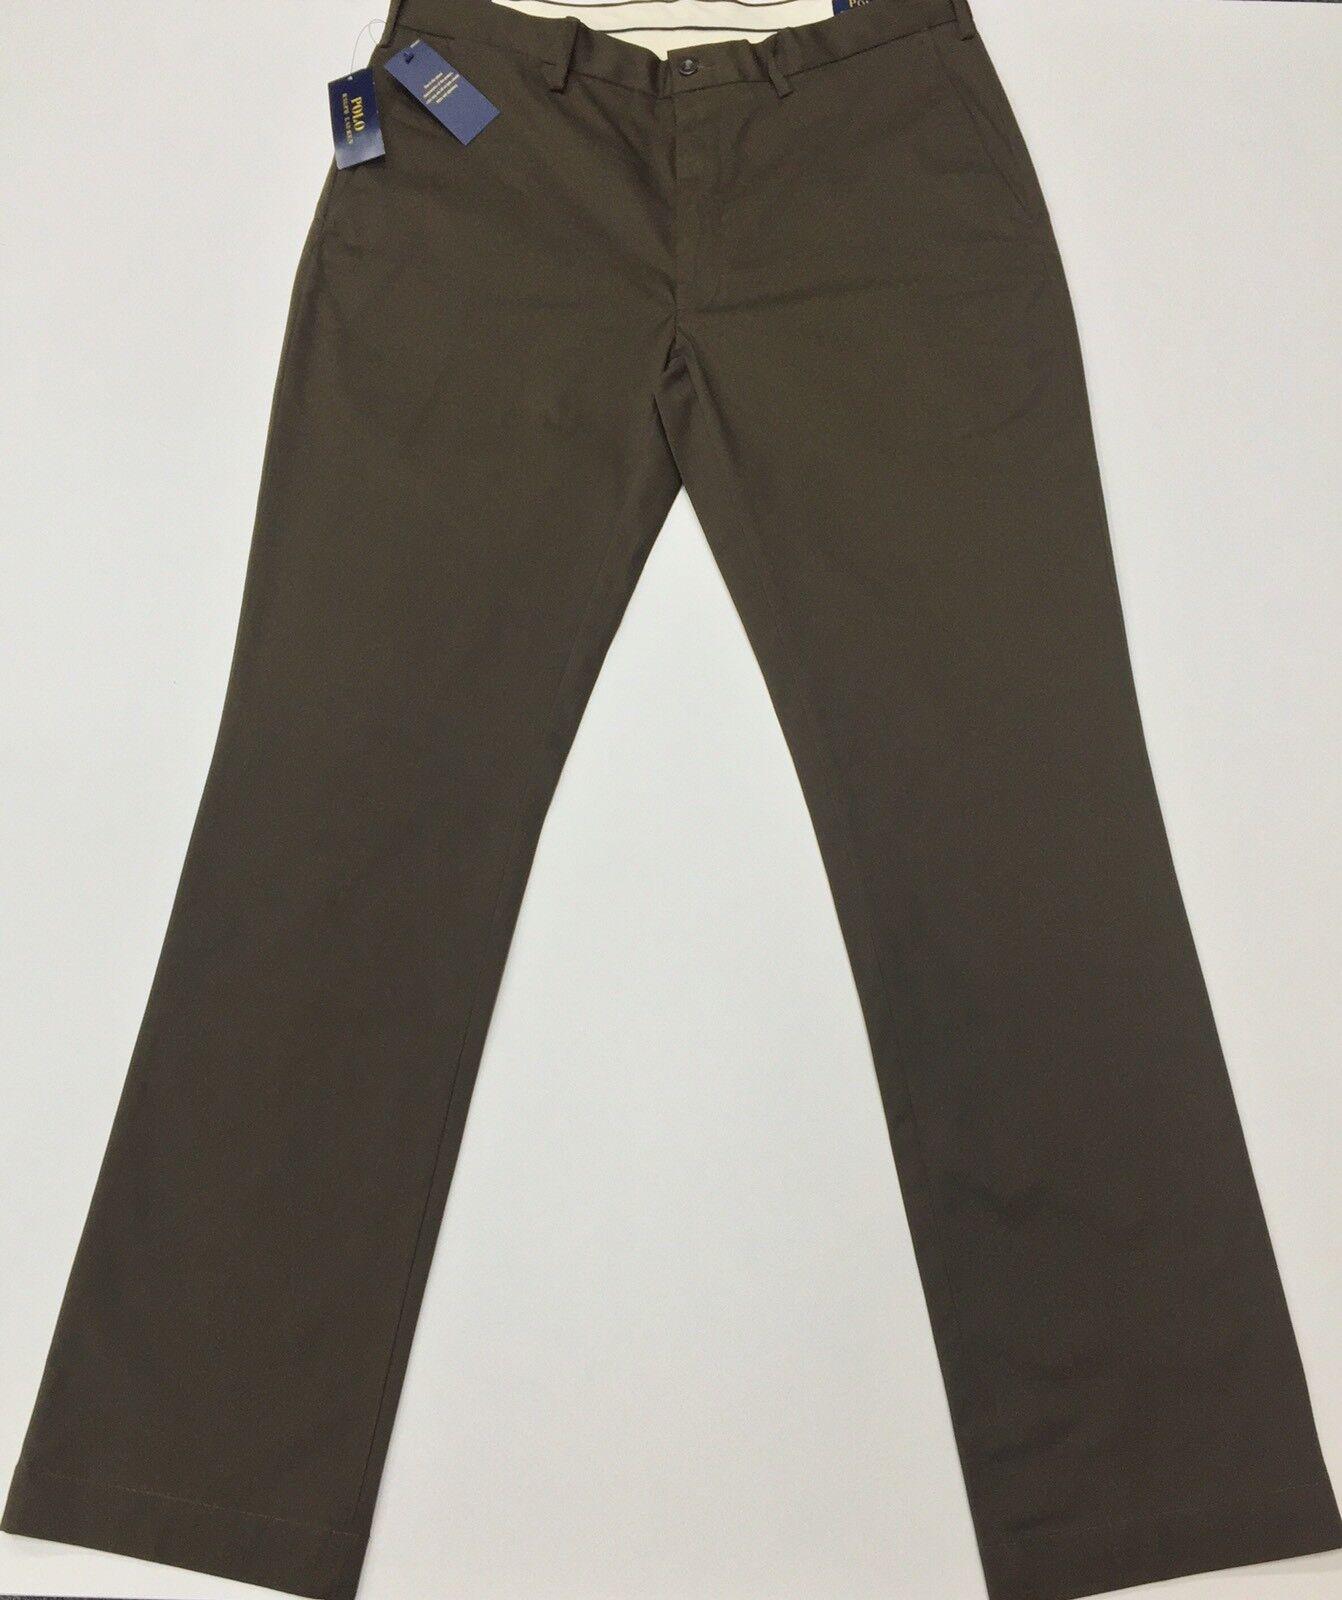 Ralph Lauren Men's chino Stretch Classic Fit Vintage braun Größe 36T 36L